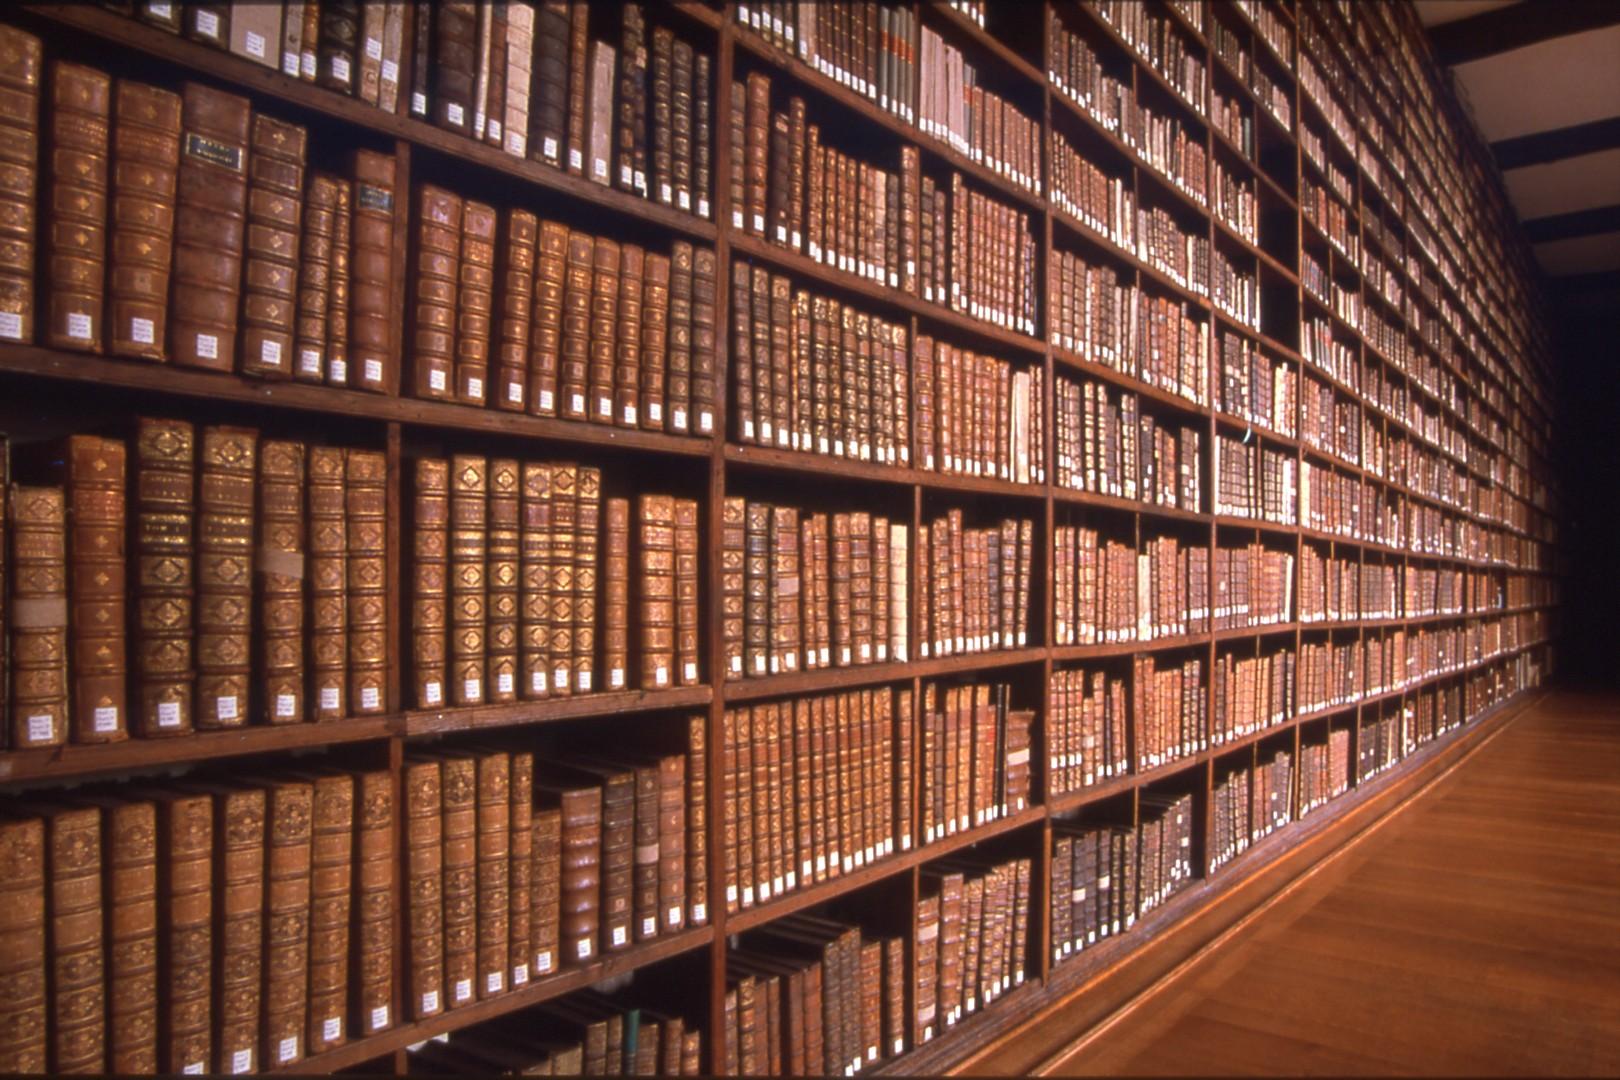 15e solde annuel des biblioth ques de montr al le lecteur - Bibliotheque en solde ...